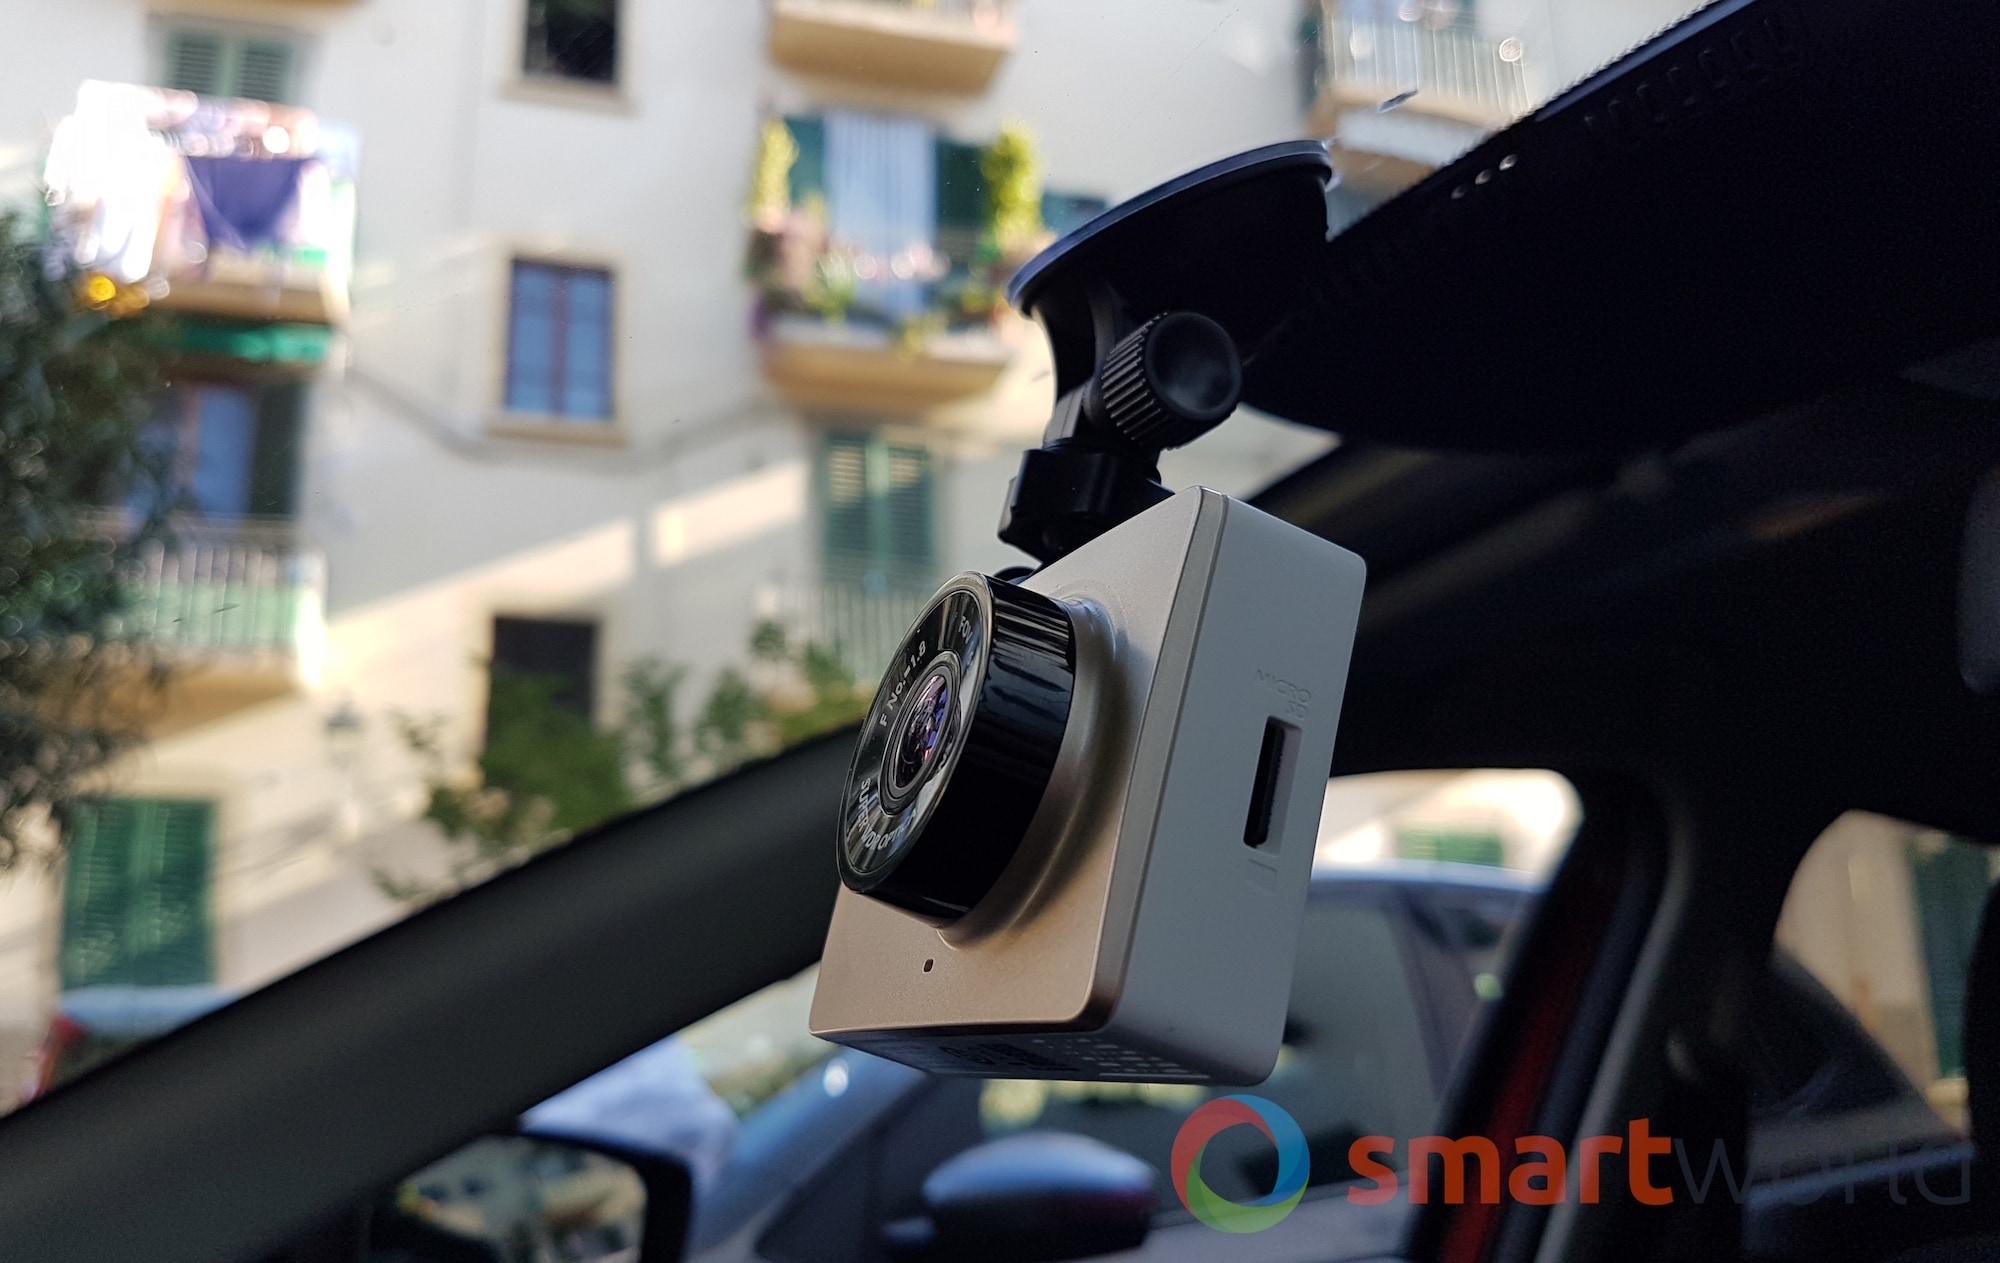 recensione xiaomi yi dashcam cam da auto economica smartworld. Black Bedroom Furniture Sets. Home Design Ideas